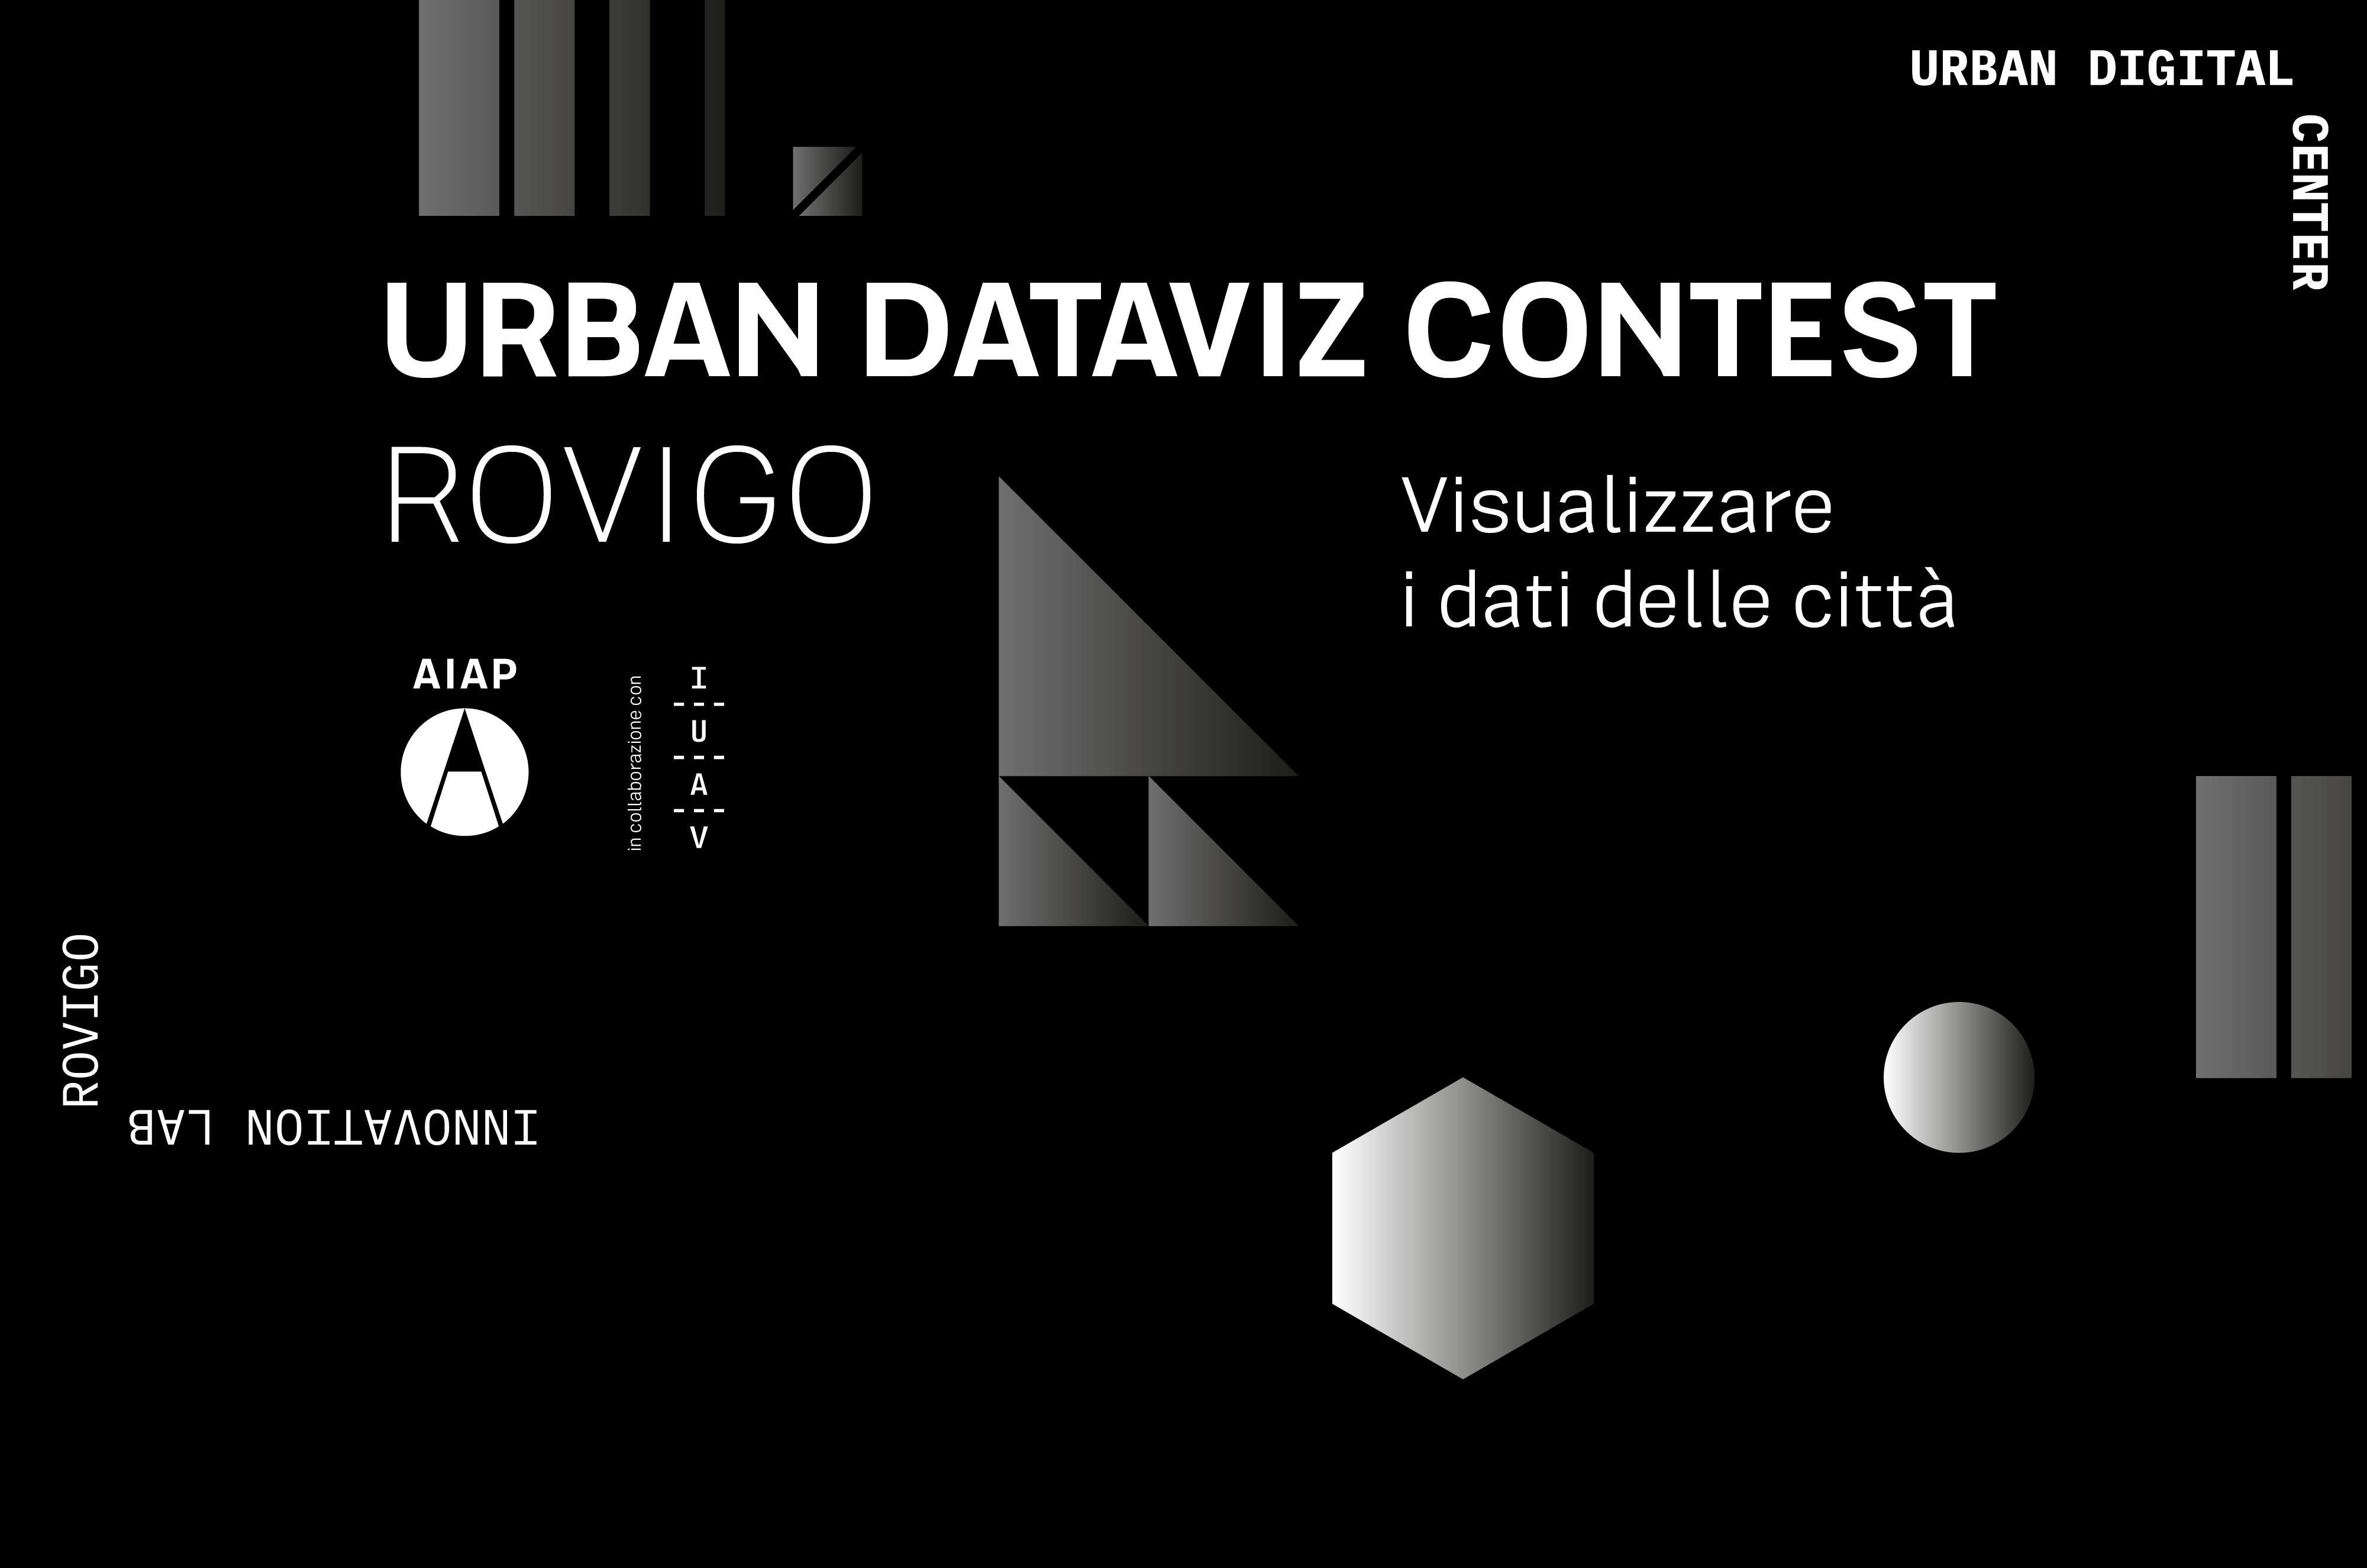 Urban Dataviz Contest Rovigo - Visualizzare i dati delle città